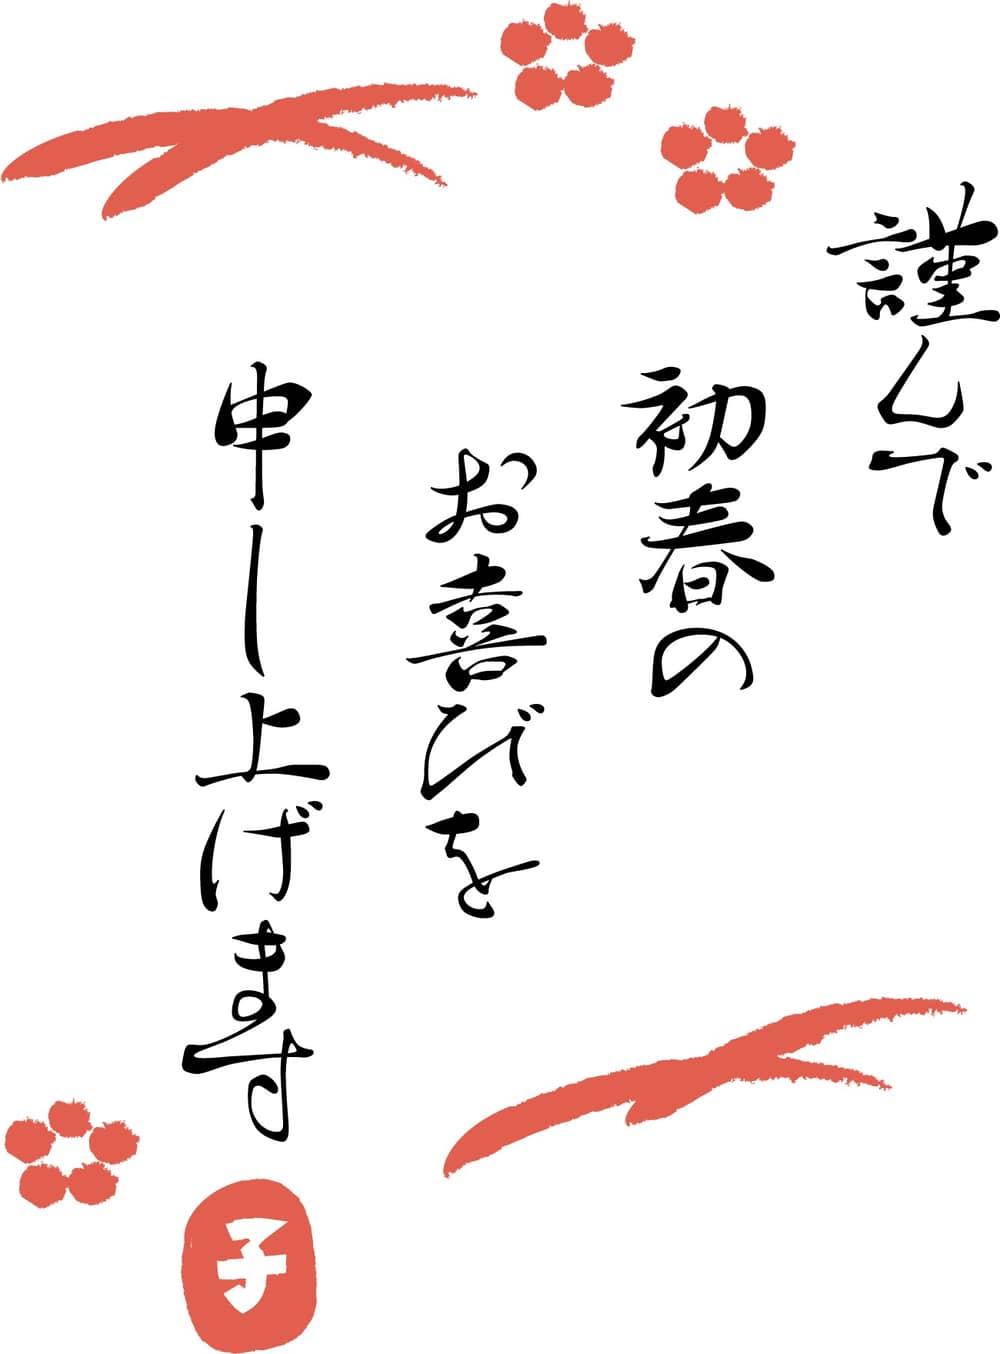 年賀状2020デザイン無料|筆文字 「謹んで初春のお喜びを申し上げます」